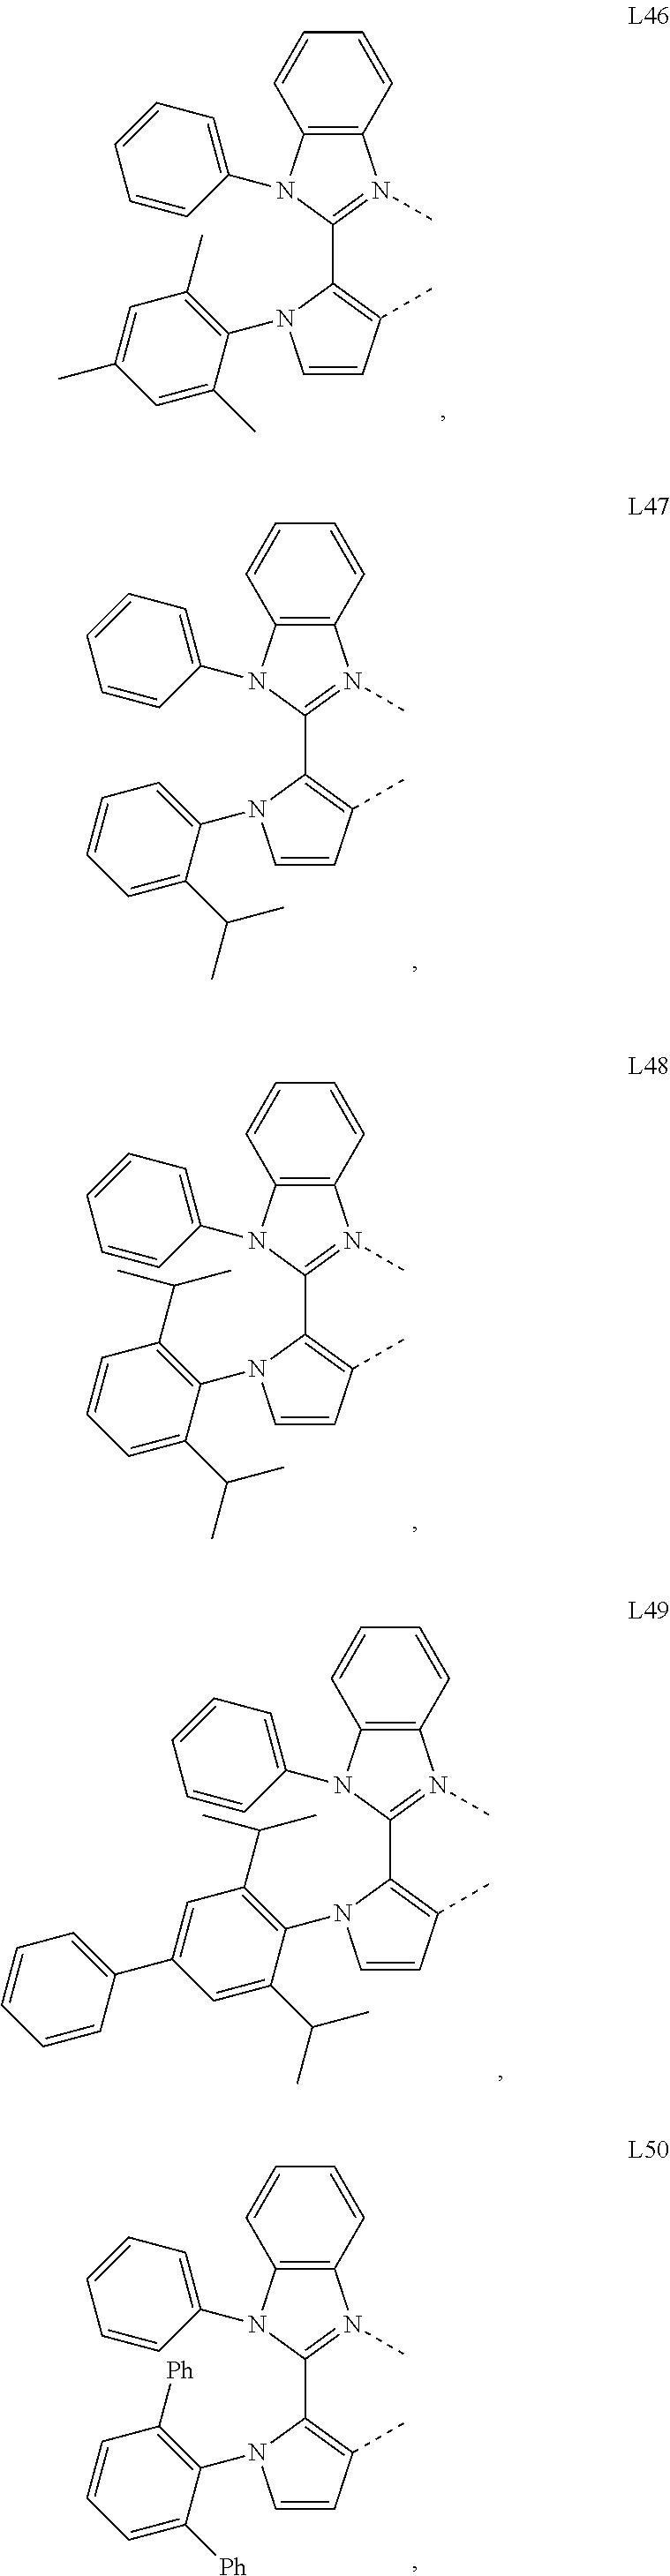 Figure US09935277-20180403-C00014